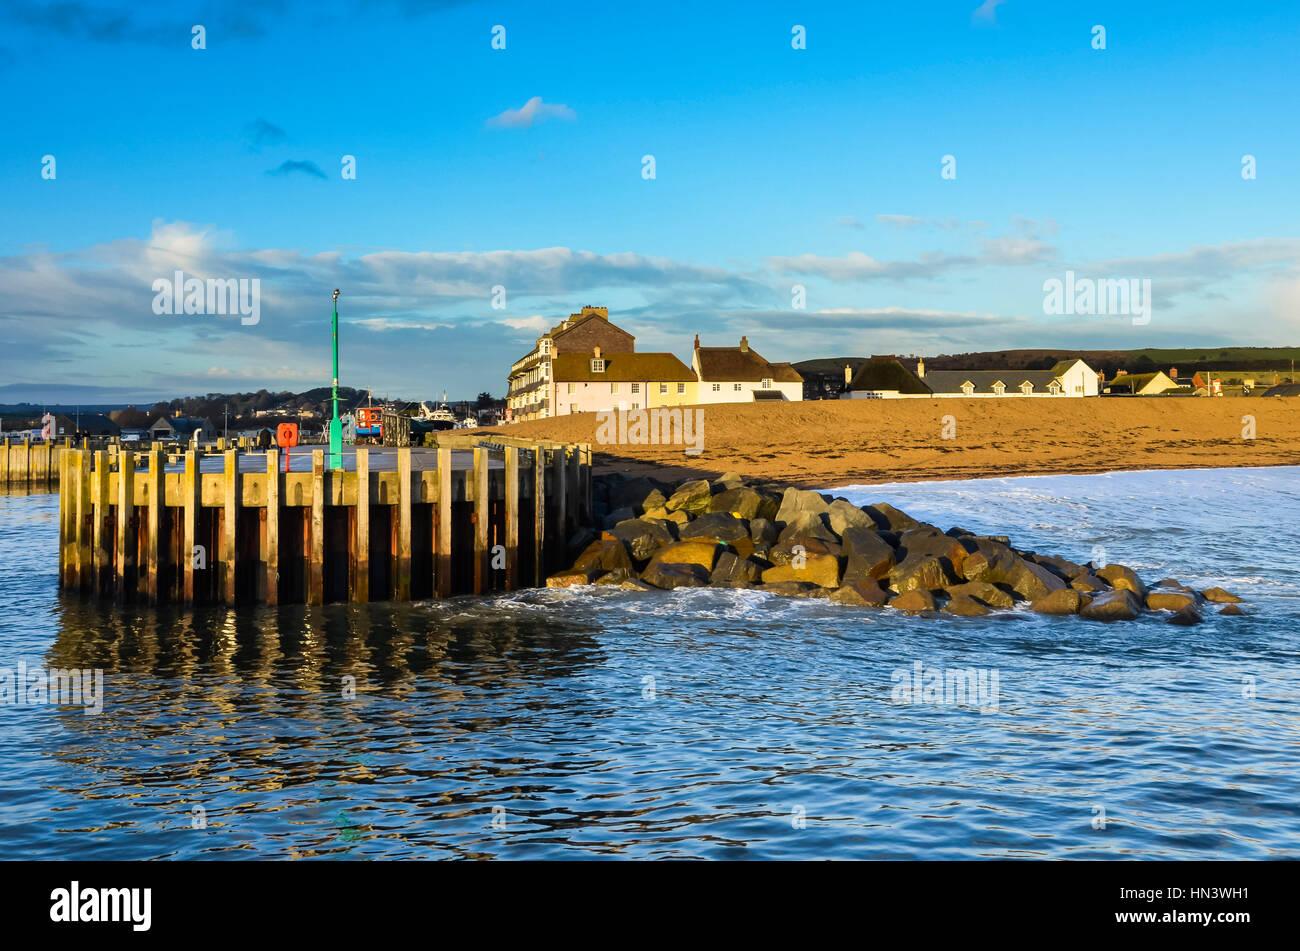 West Bay, Dorset, Reino Unido. El 7 de febrero de 2017. El clima del Reino Unido. Una vista desde el embarcadero Imagen De Stock